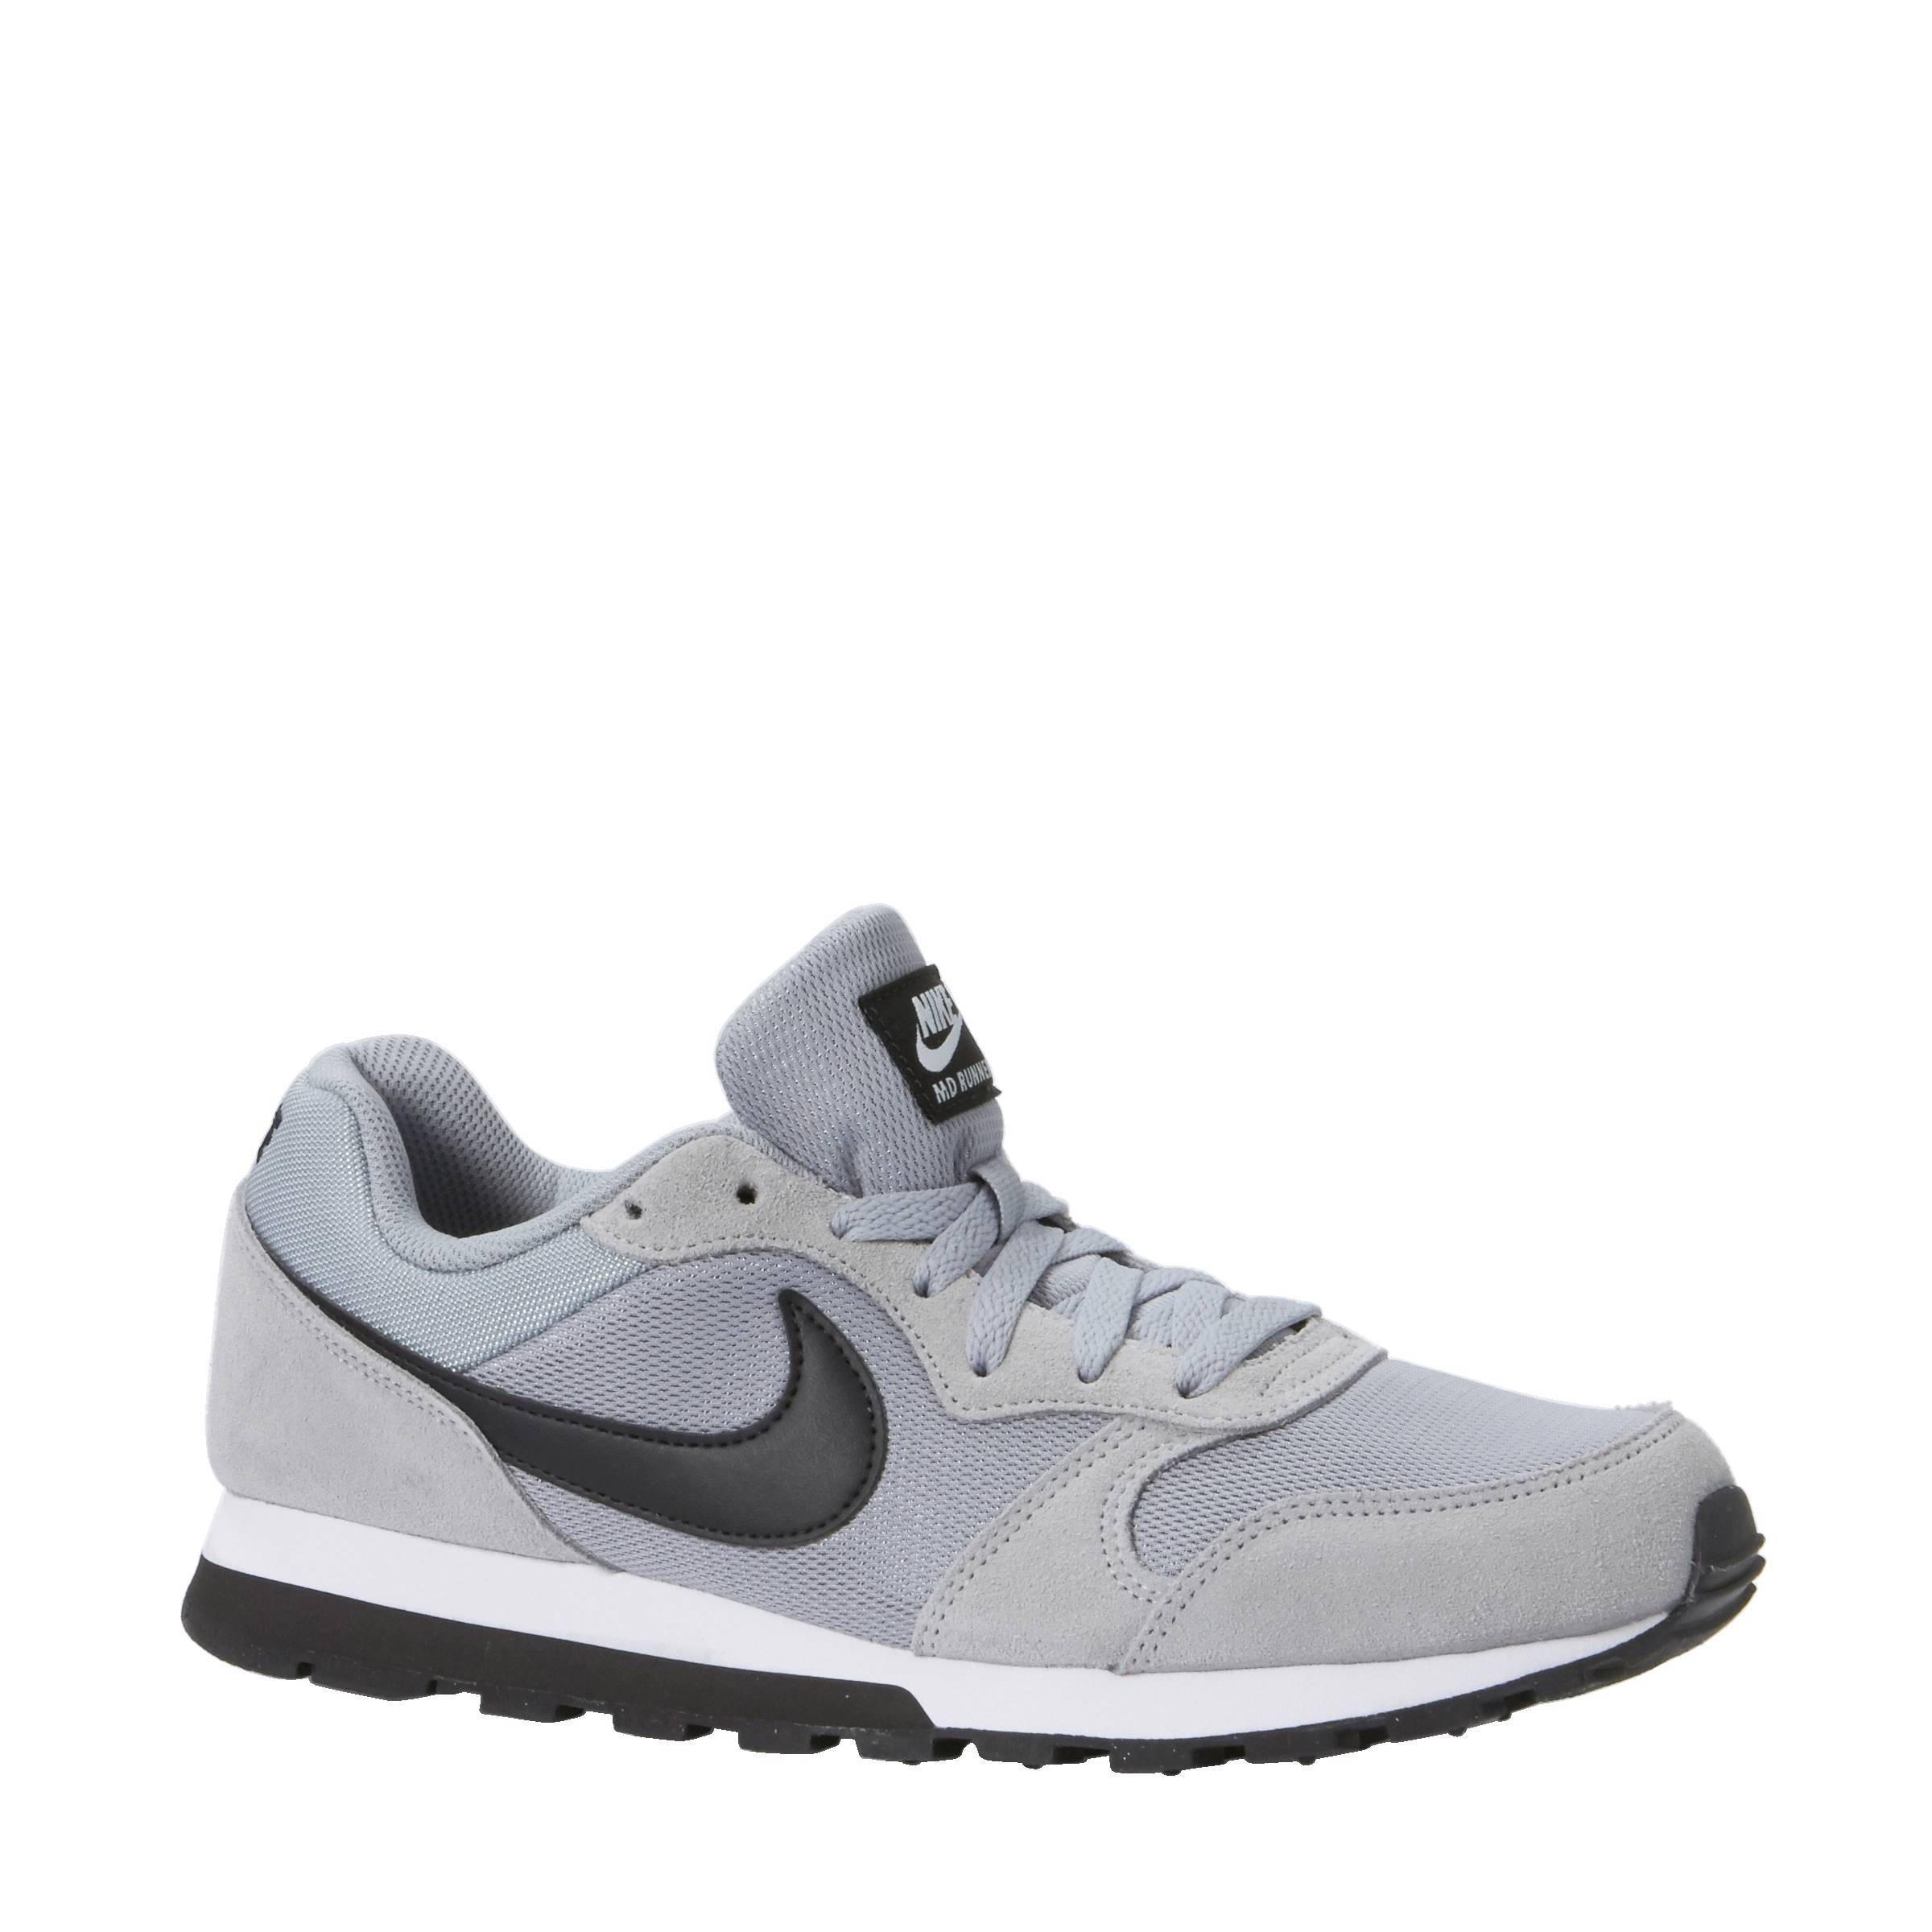 bf4918e6442 Nike Md Runner 2 Heren   Grey Nike Sneakers Md Runner 2 Heren 749794 ...